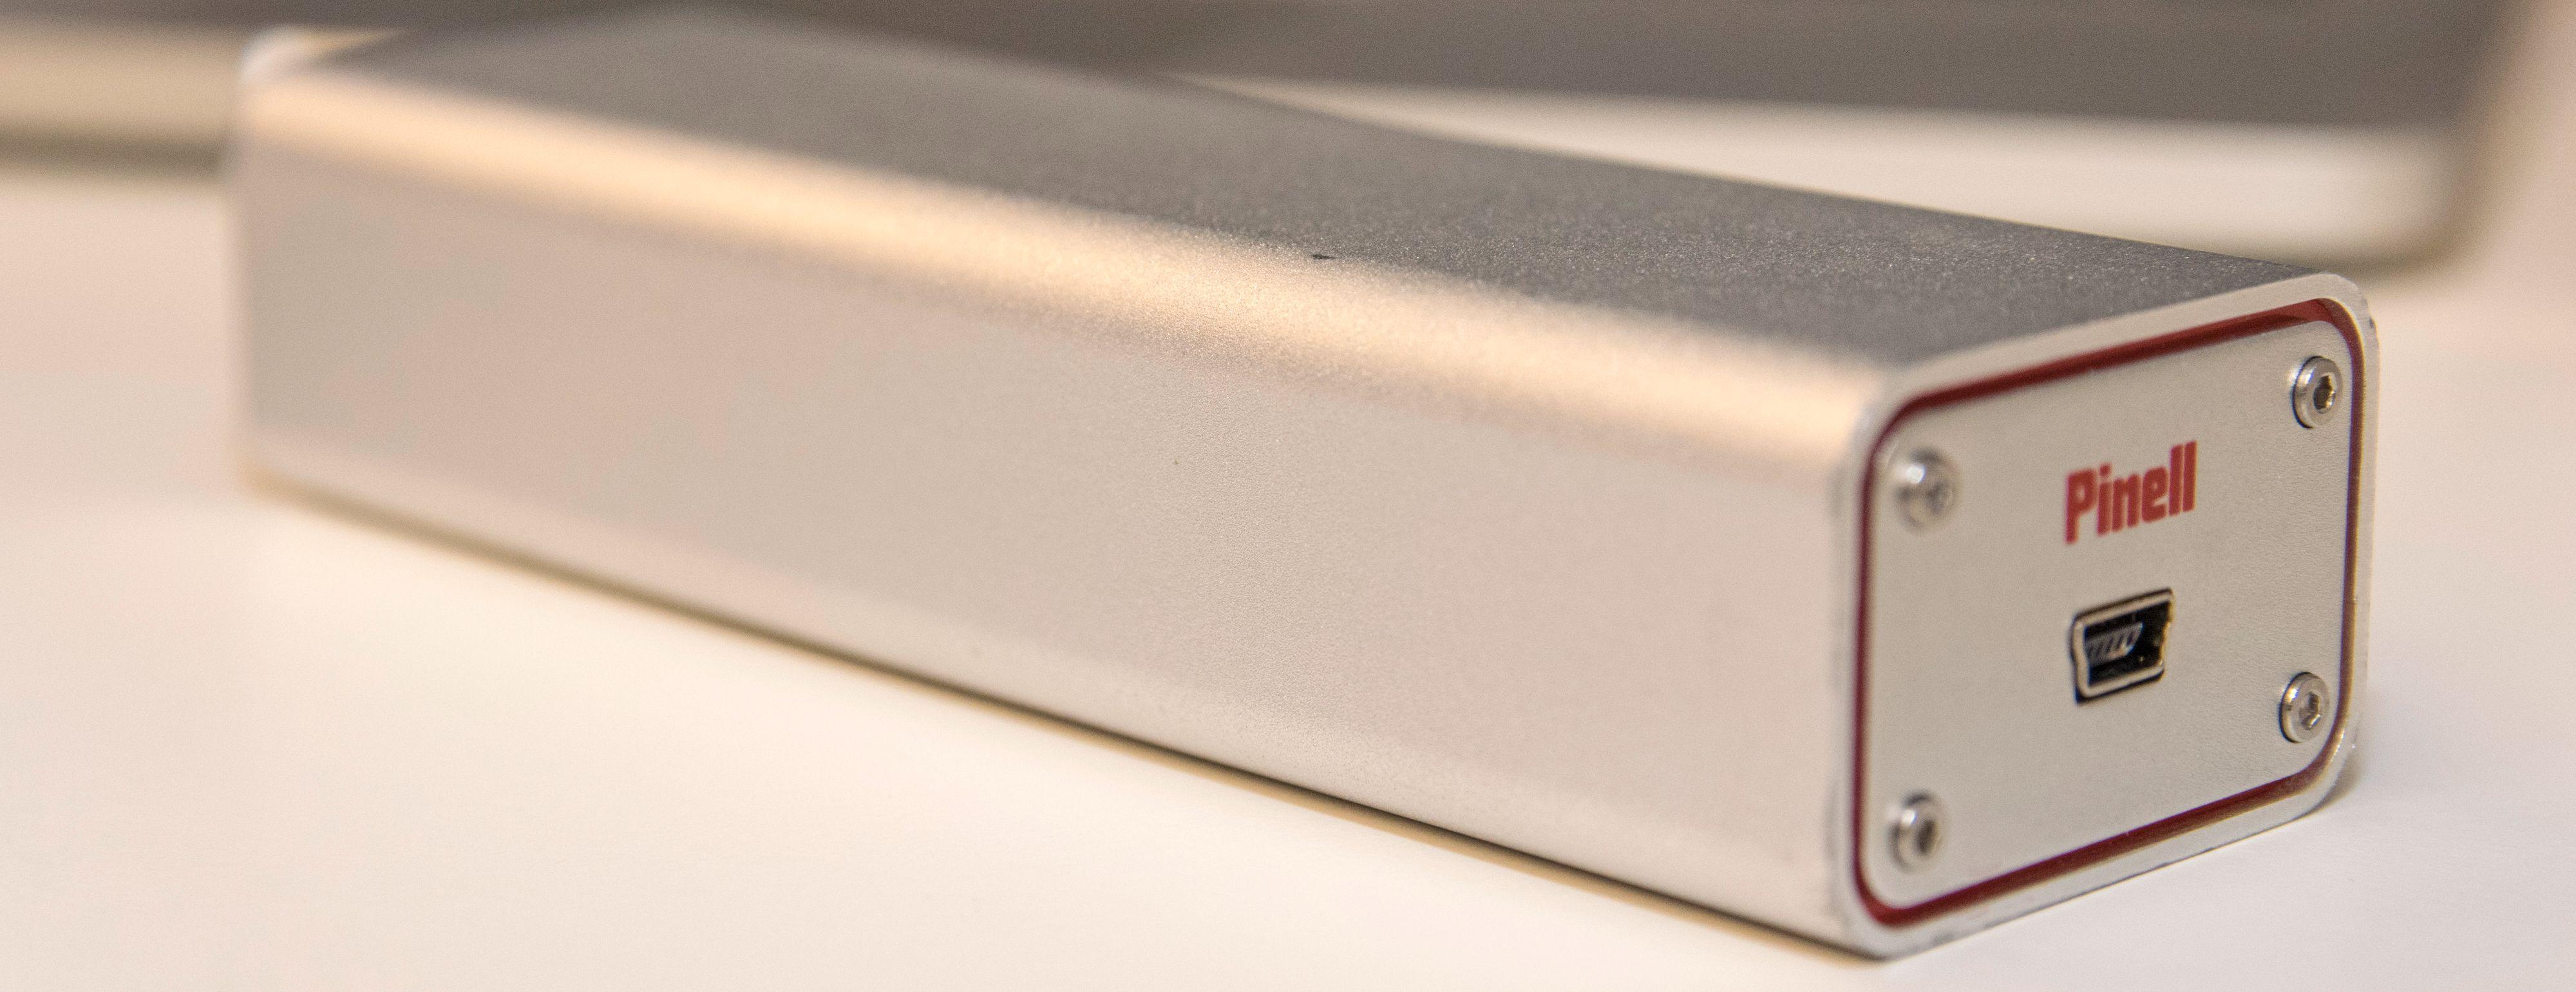 Pinell DAC Mini2 er en utmerket liten tass som spiller bedre enn mange innebygde lydkort, og i dag fås kjøpt for rundt 600 kroner. Det er likevel godt hørbar forskjell på lydkvaliteten fra denne til Henry Audios nye modell. Foto: Finn Jarle Kvalheim, Tek.no